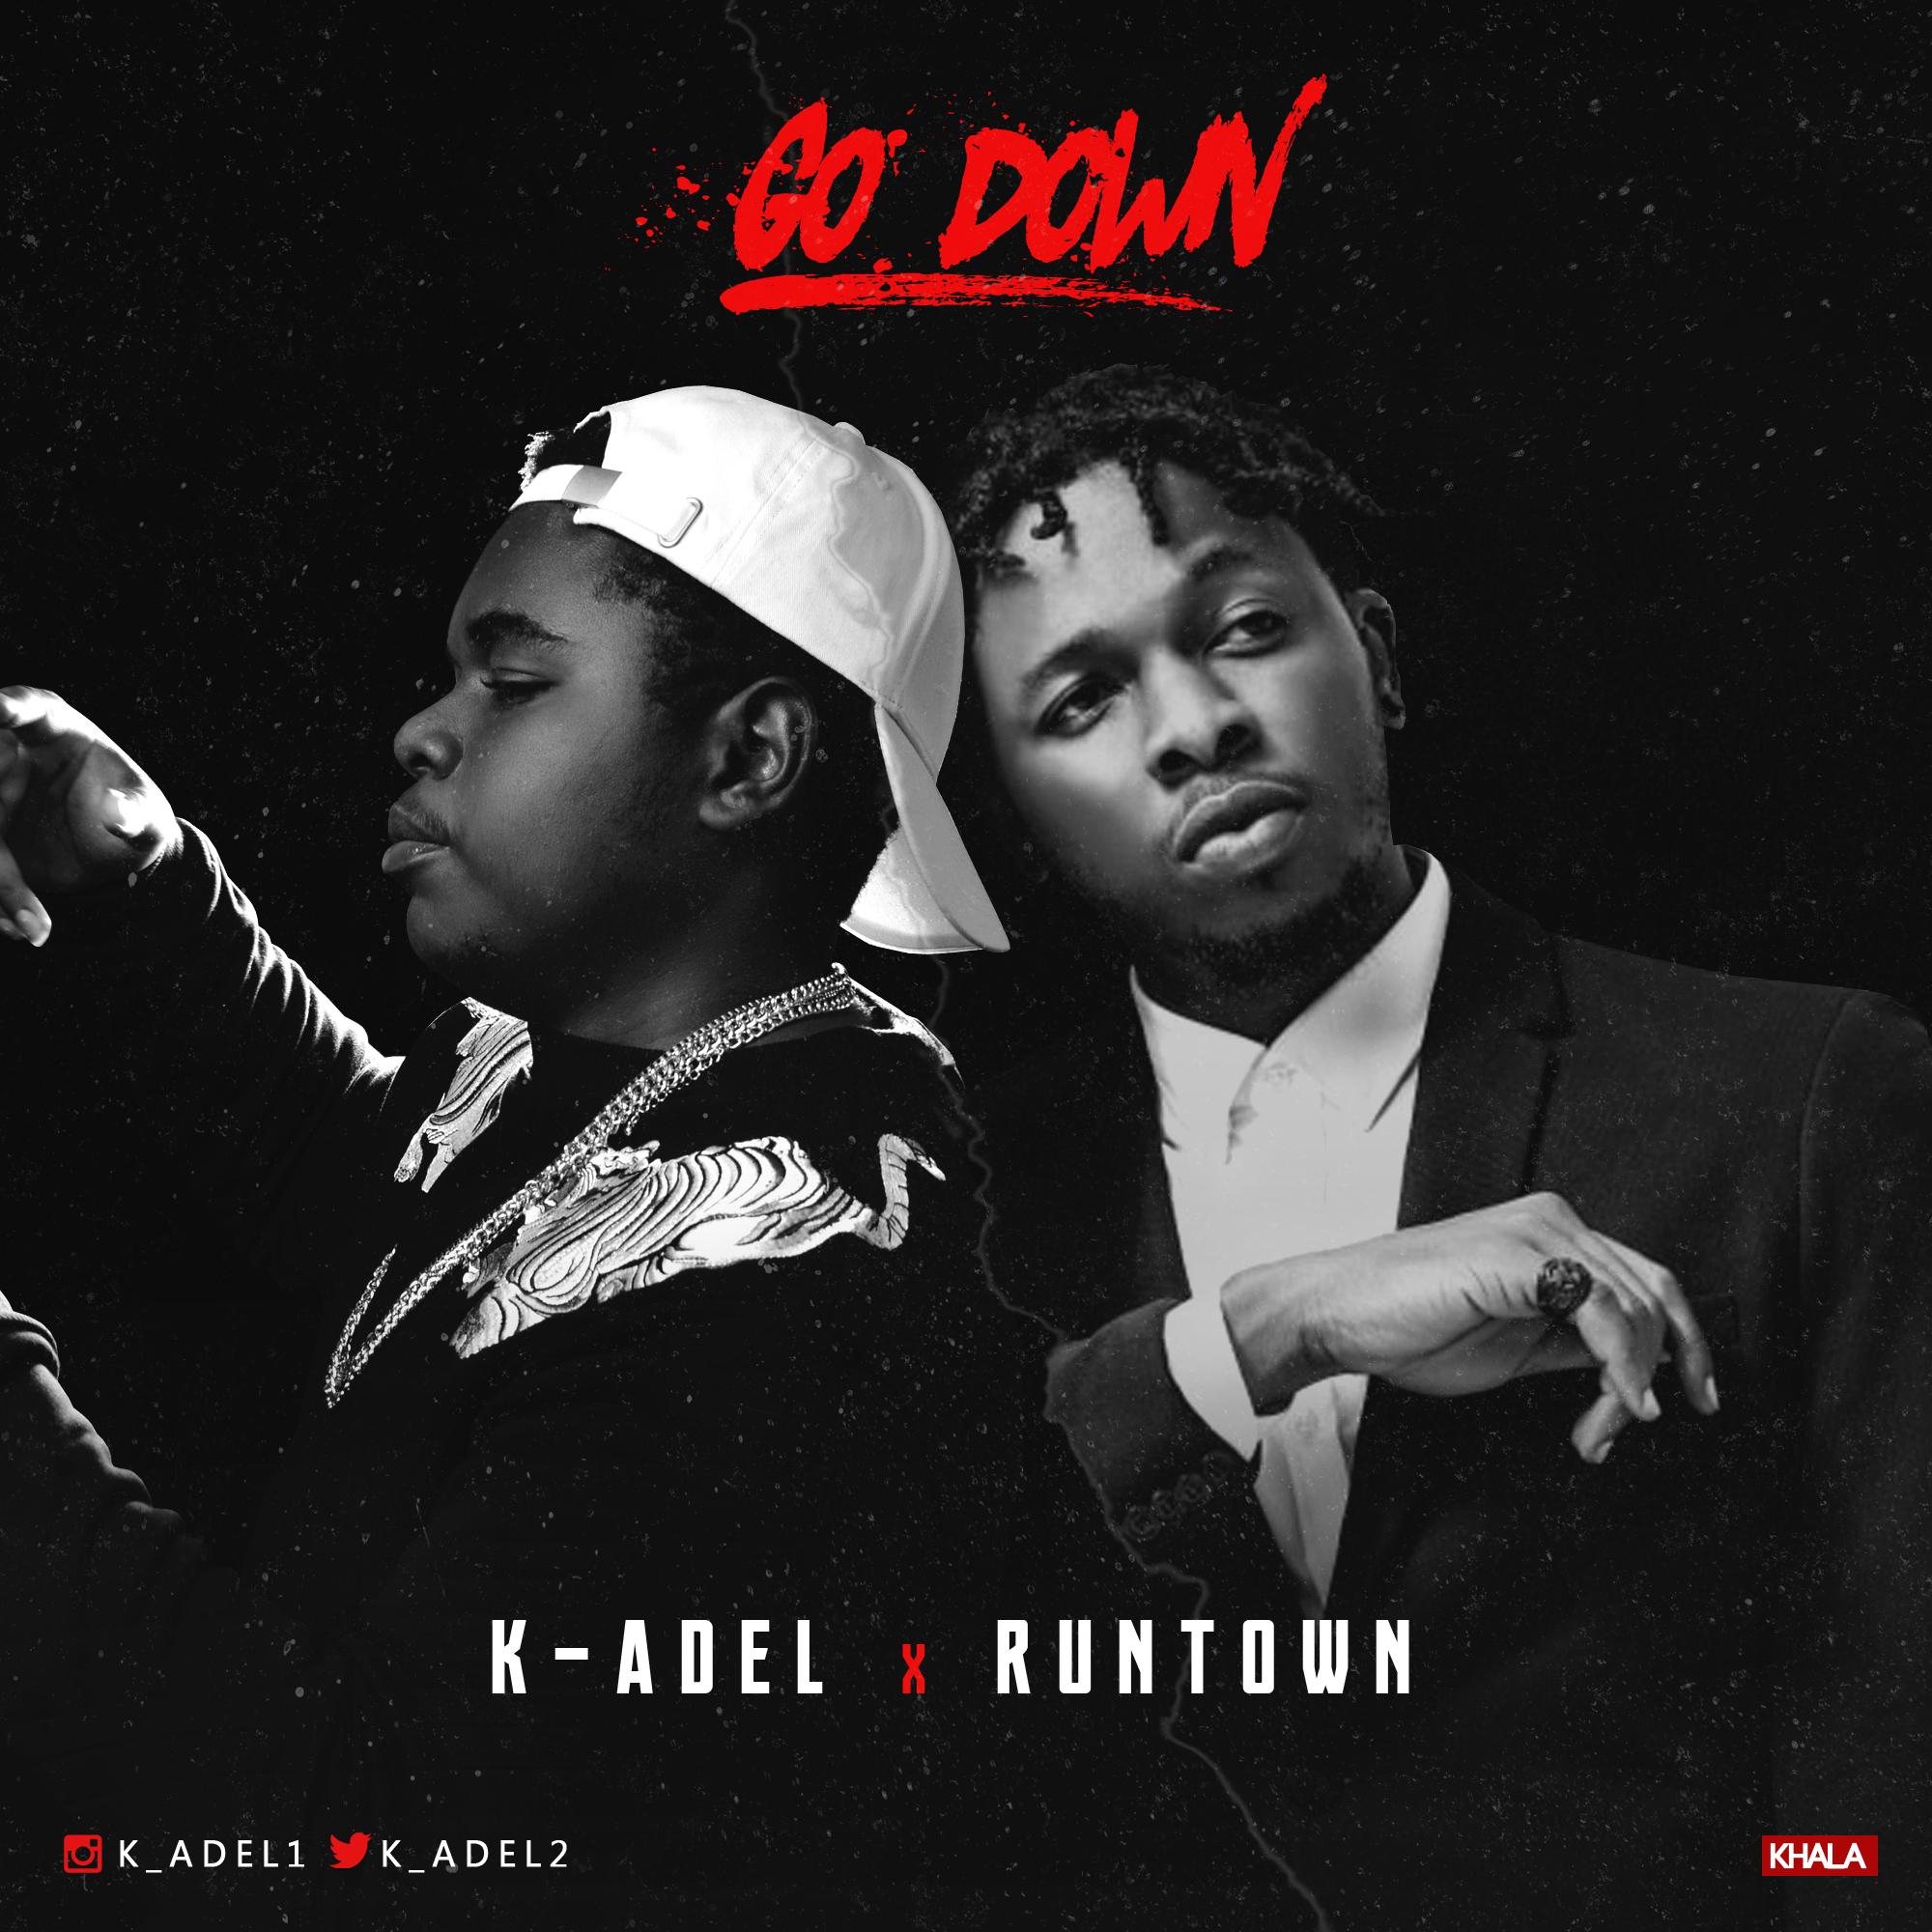 Go Down - K-Adel @K_ADEL2 Ft Runtown (Audio)